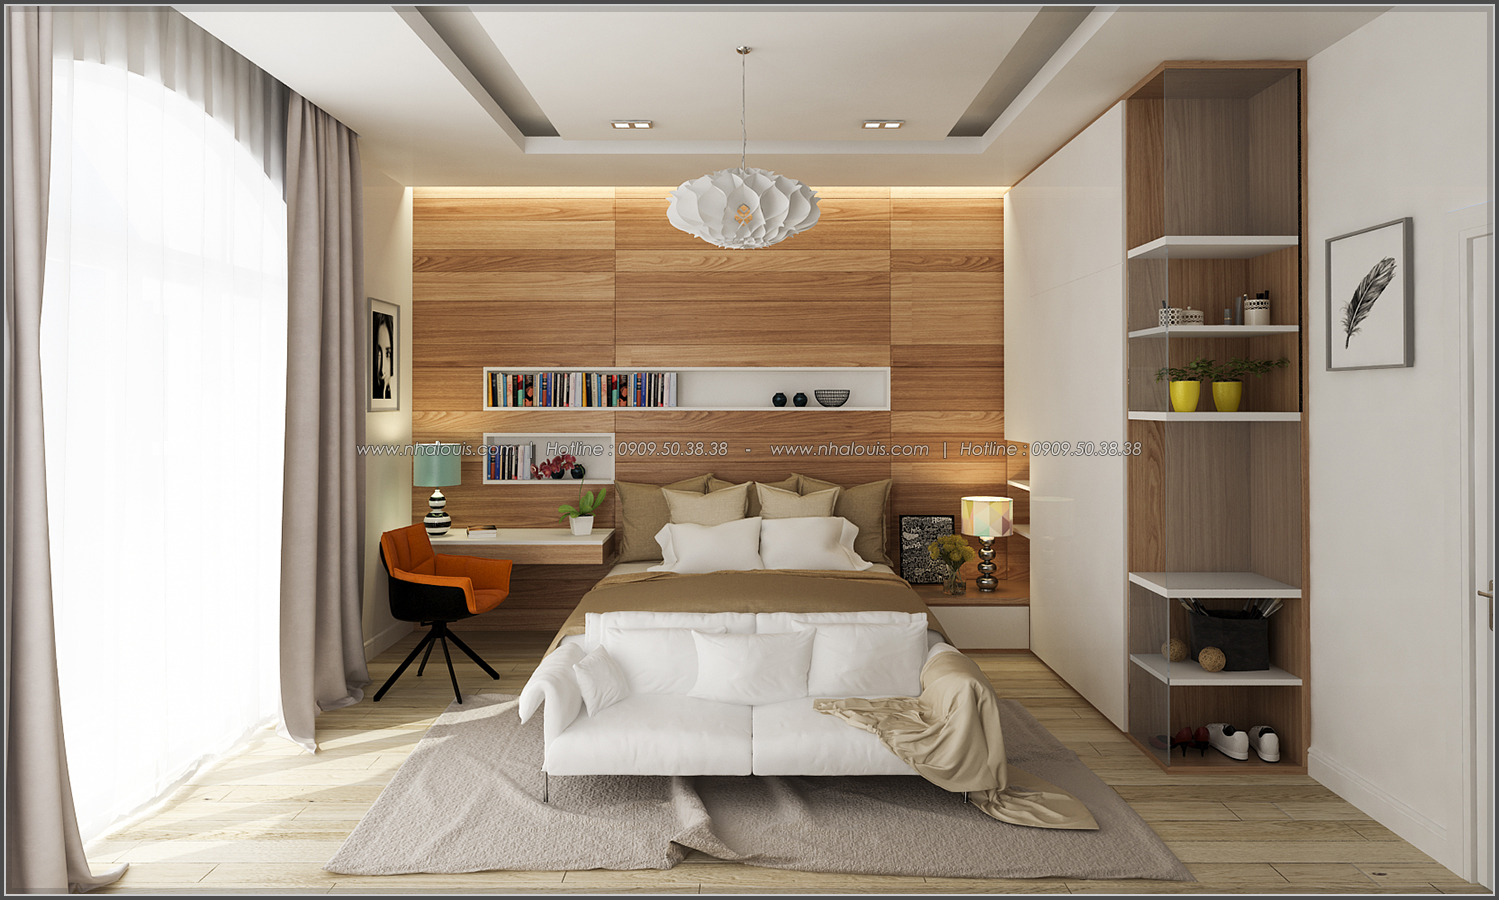 Thiết kế biệt thự có hồ bơi trong nhà ấn tượng tại quận Tân Bình - 24